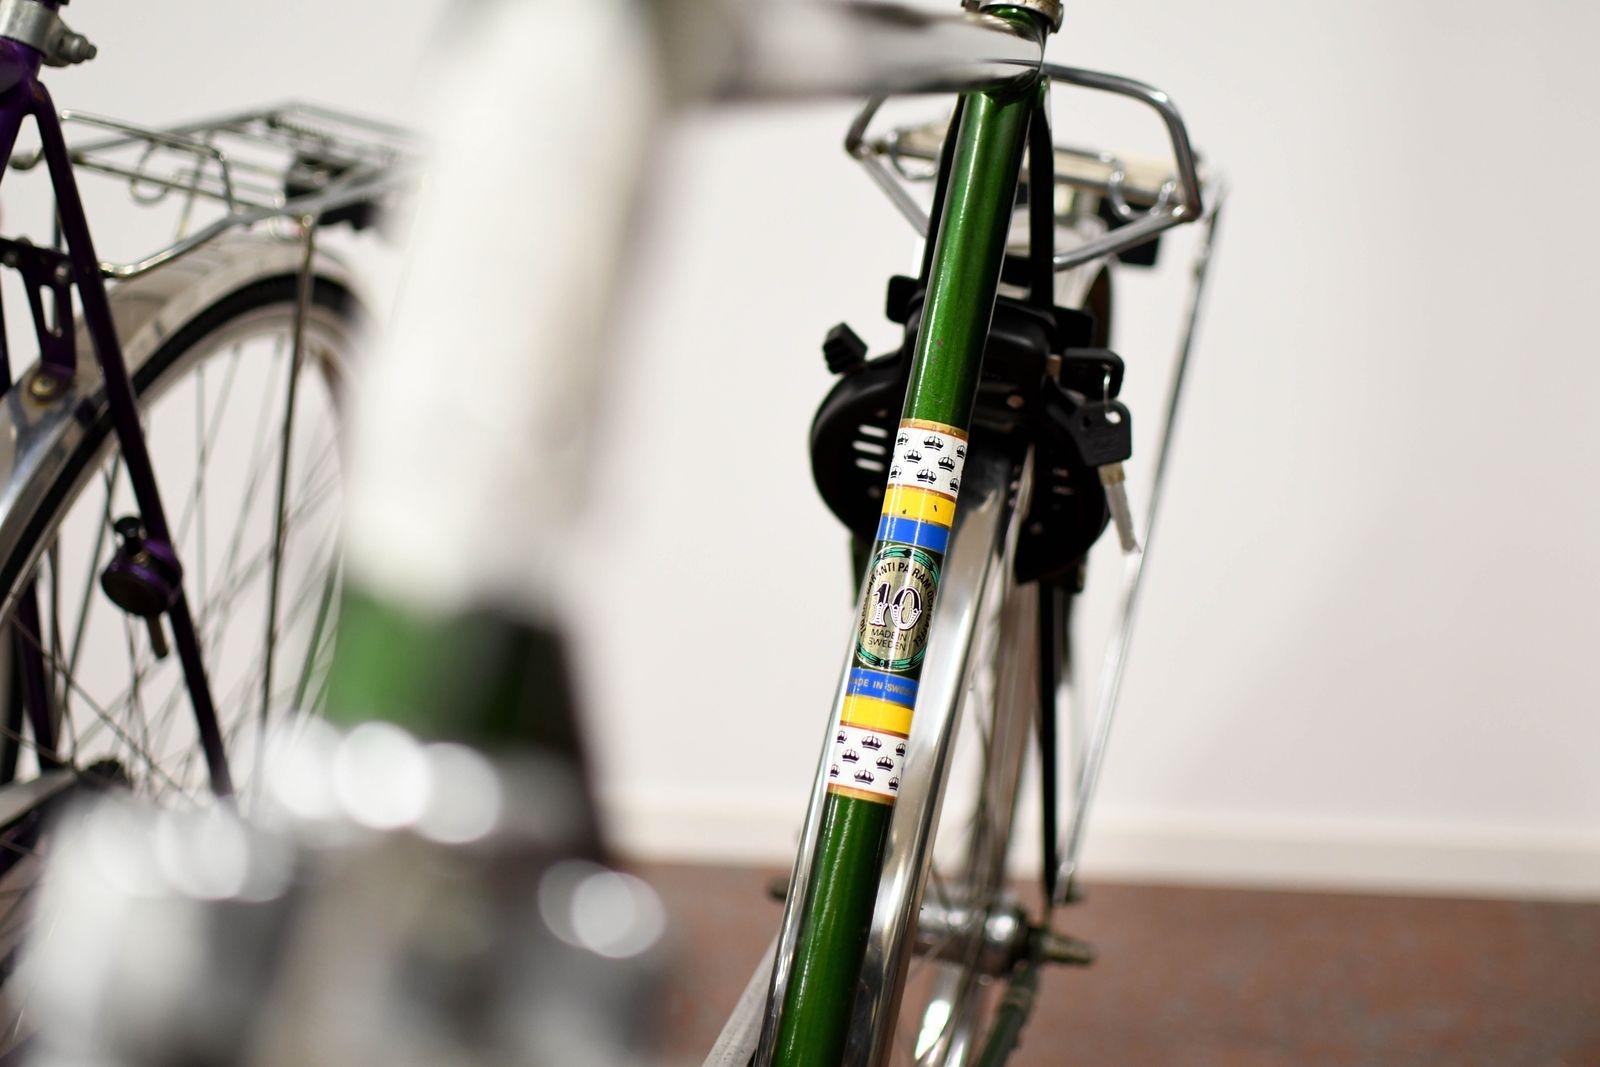 Hos Österlens cykel erbjuds sprillans nytt men även begagnat i toppskick, som den här gamla Monarken.